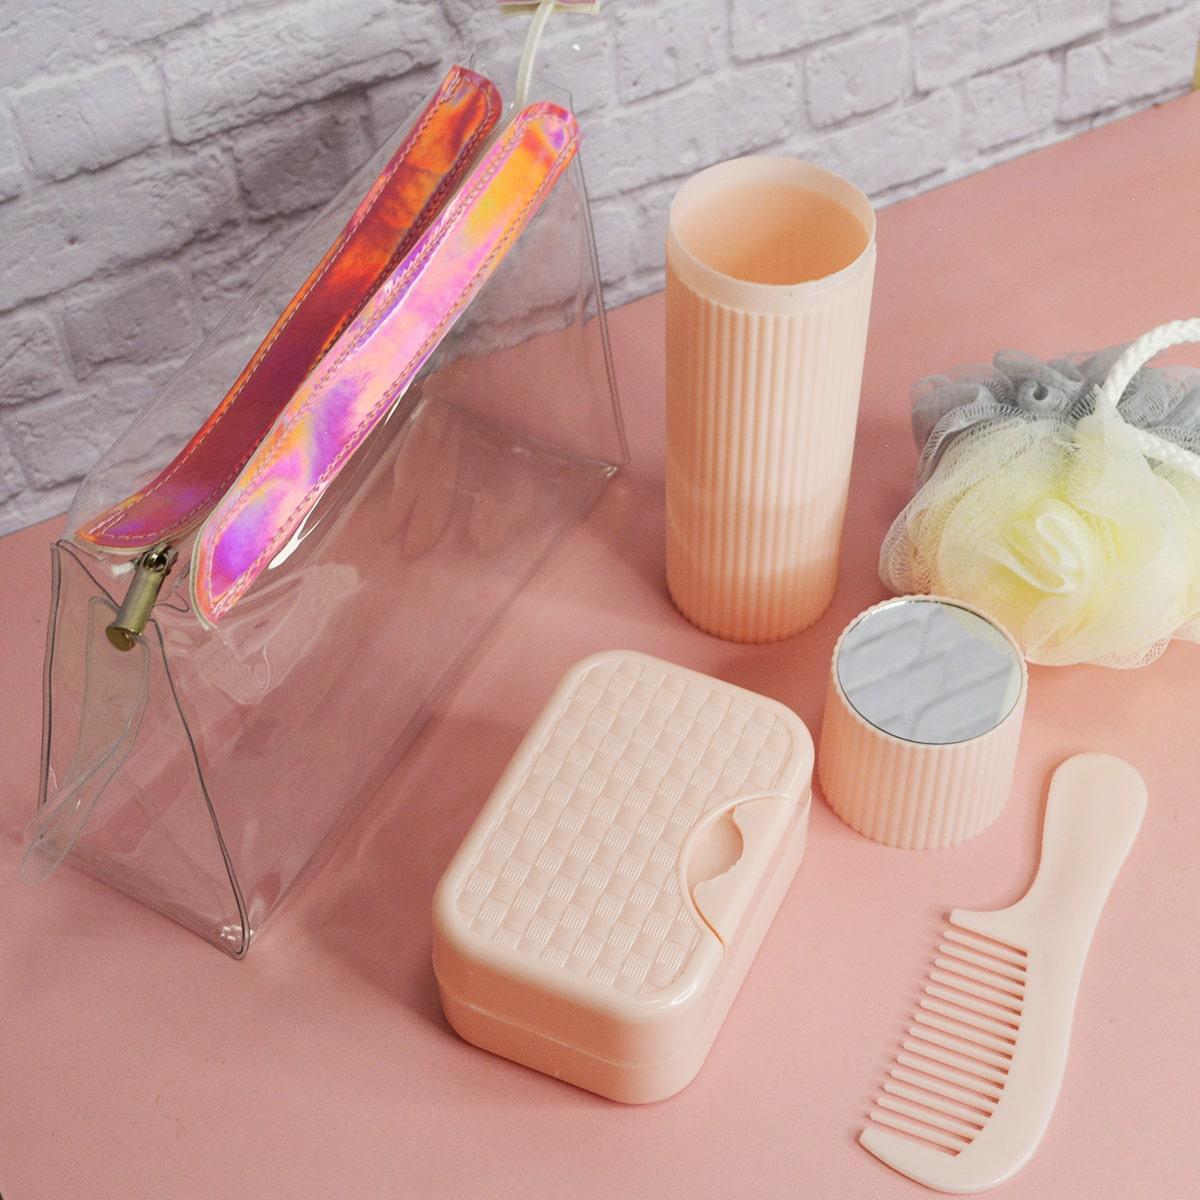 Банный дорожный набор 5 предметов (футляр для зубной щетки, вехотка, мыльница, расческа, косметичка) розовый - фото 10